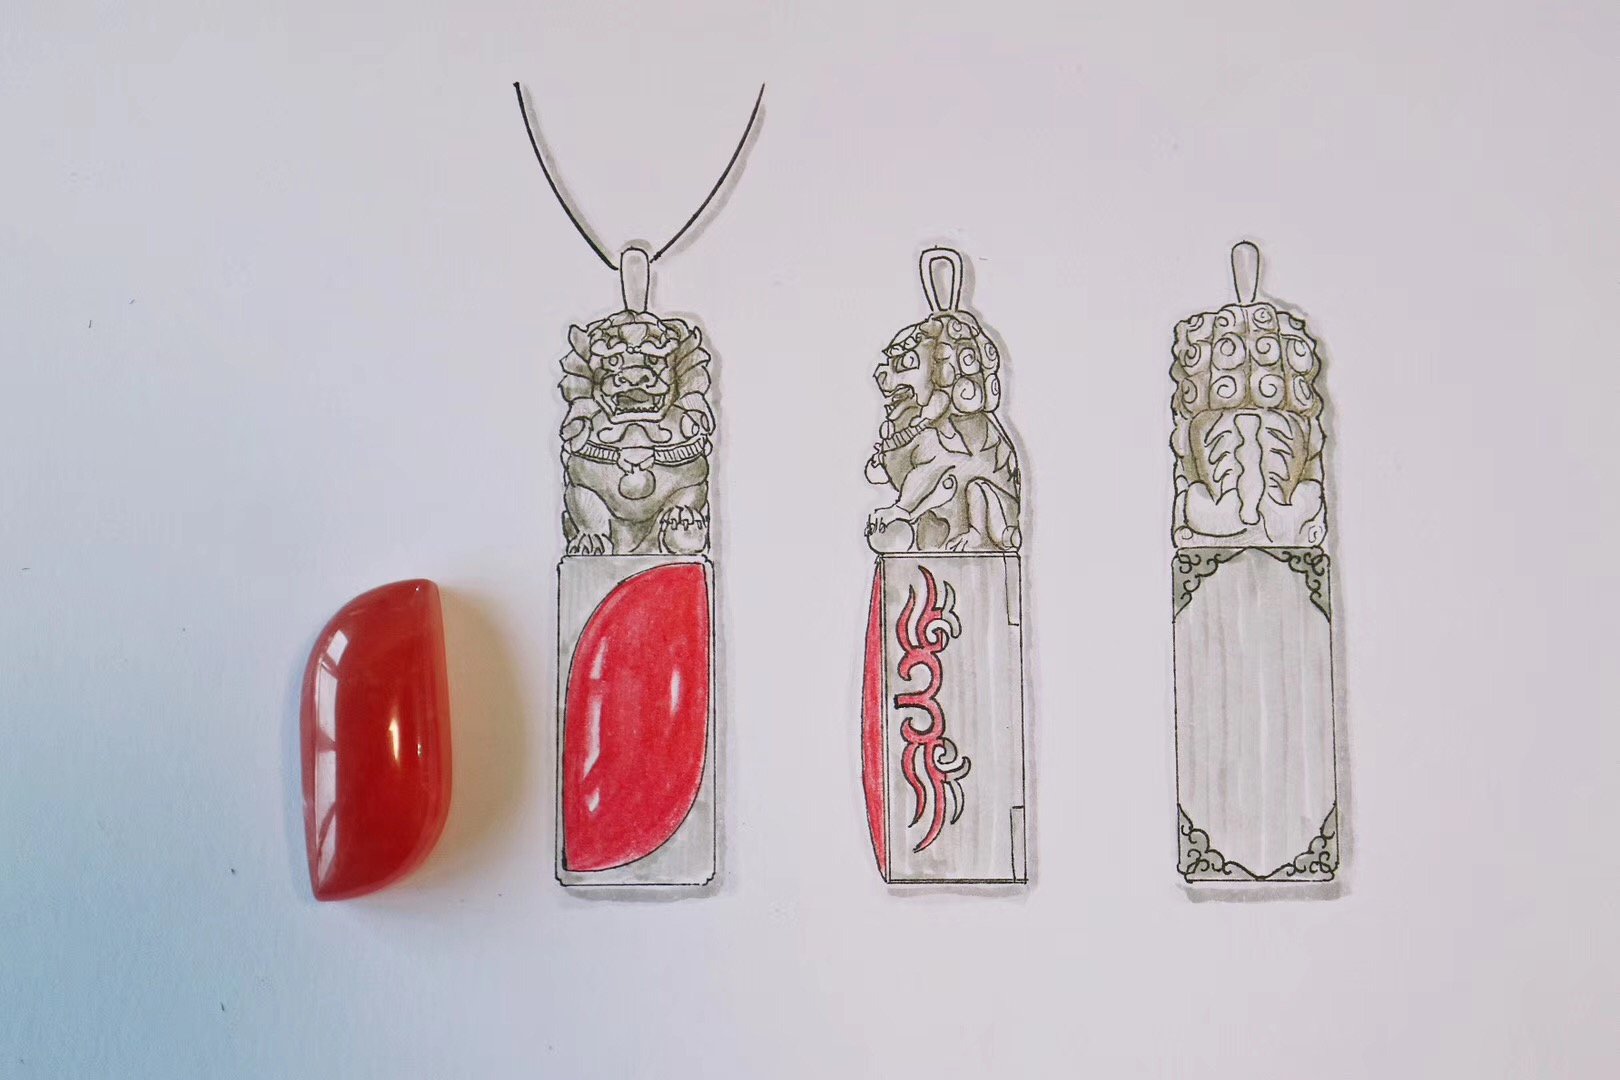 【菩心-红纹石】精彩之处,处处精彩-菩心晶舍